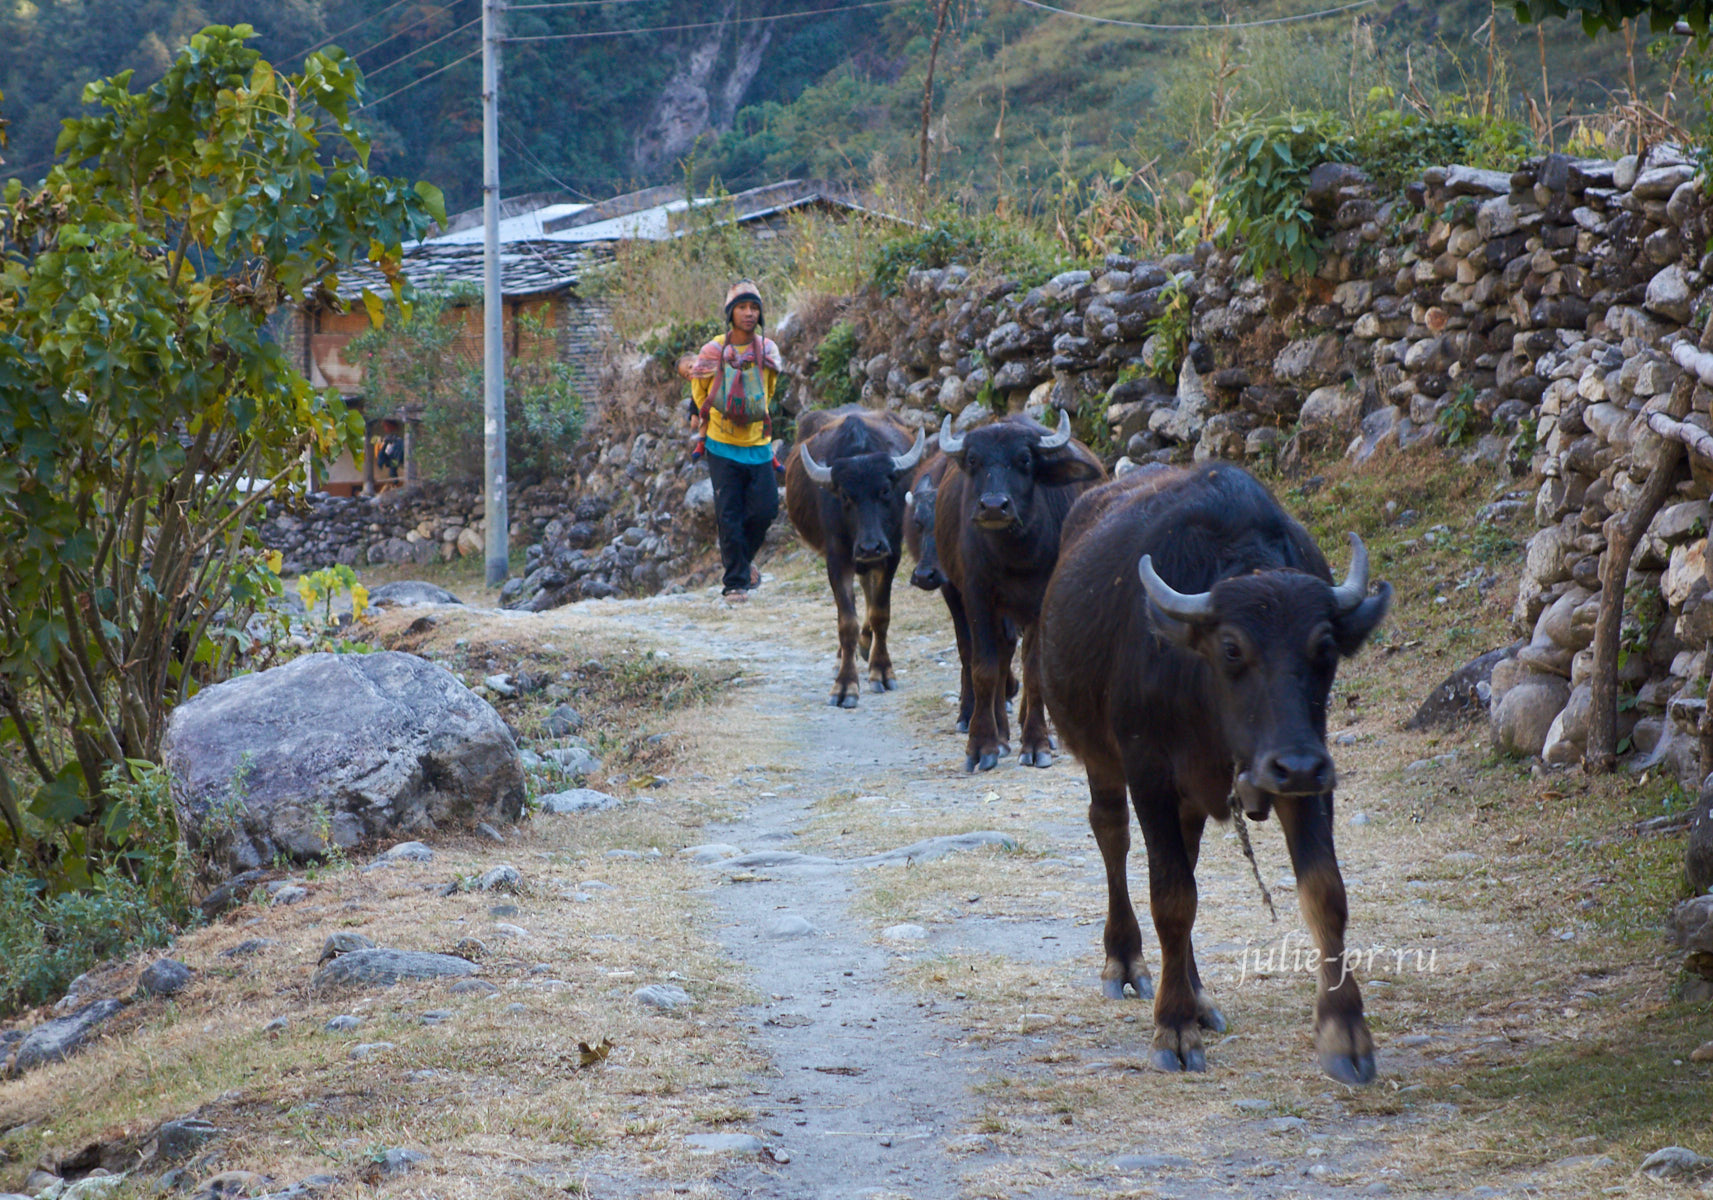 Непал, Трек вокруг Аннапурны, Дана, Буйволы